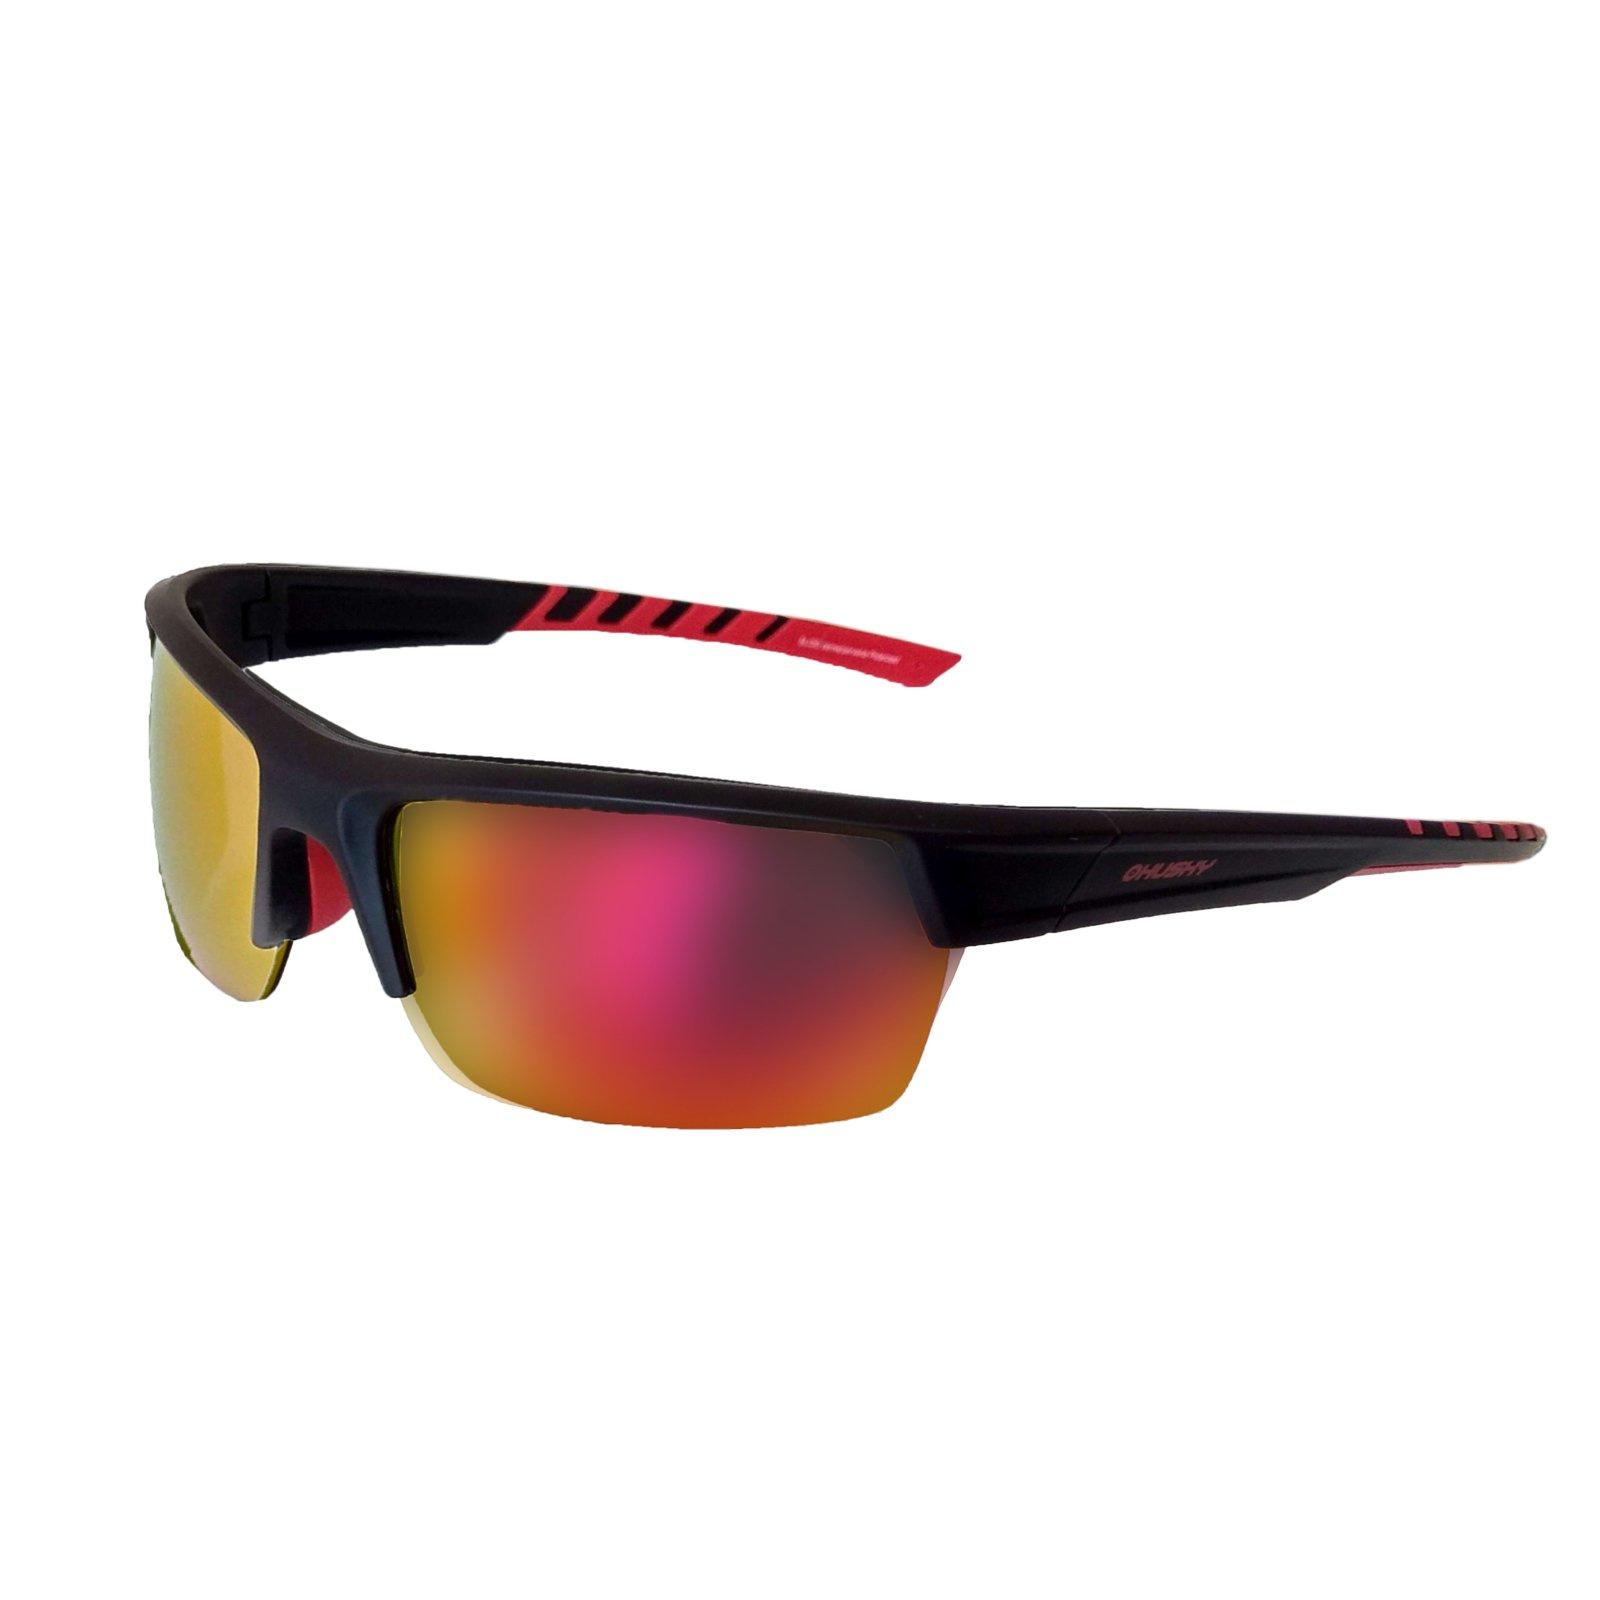 Sportovní brýle   Slide červená